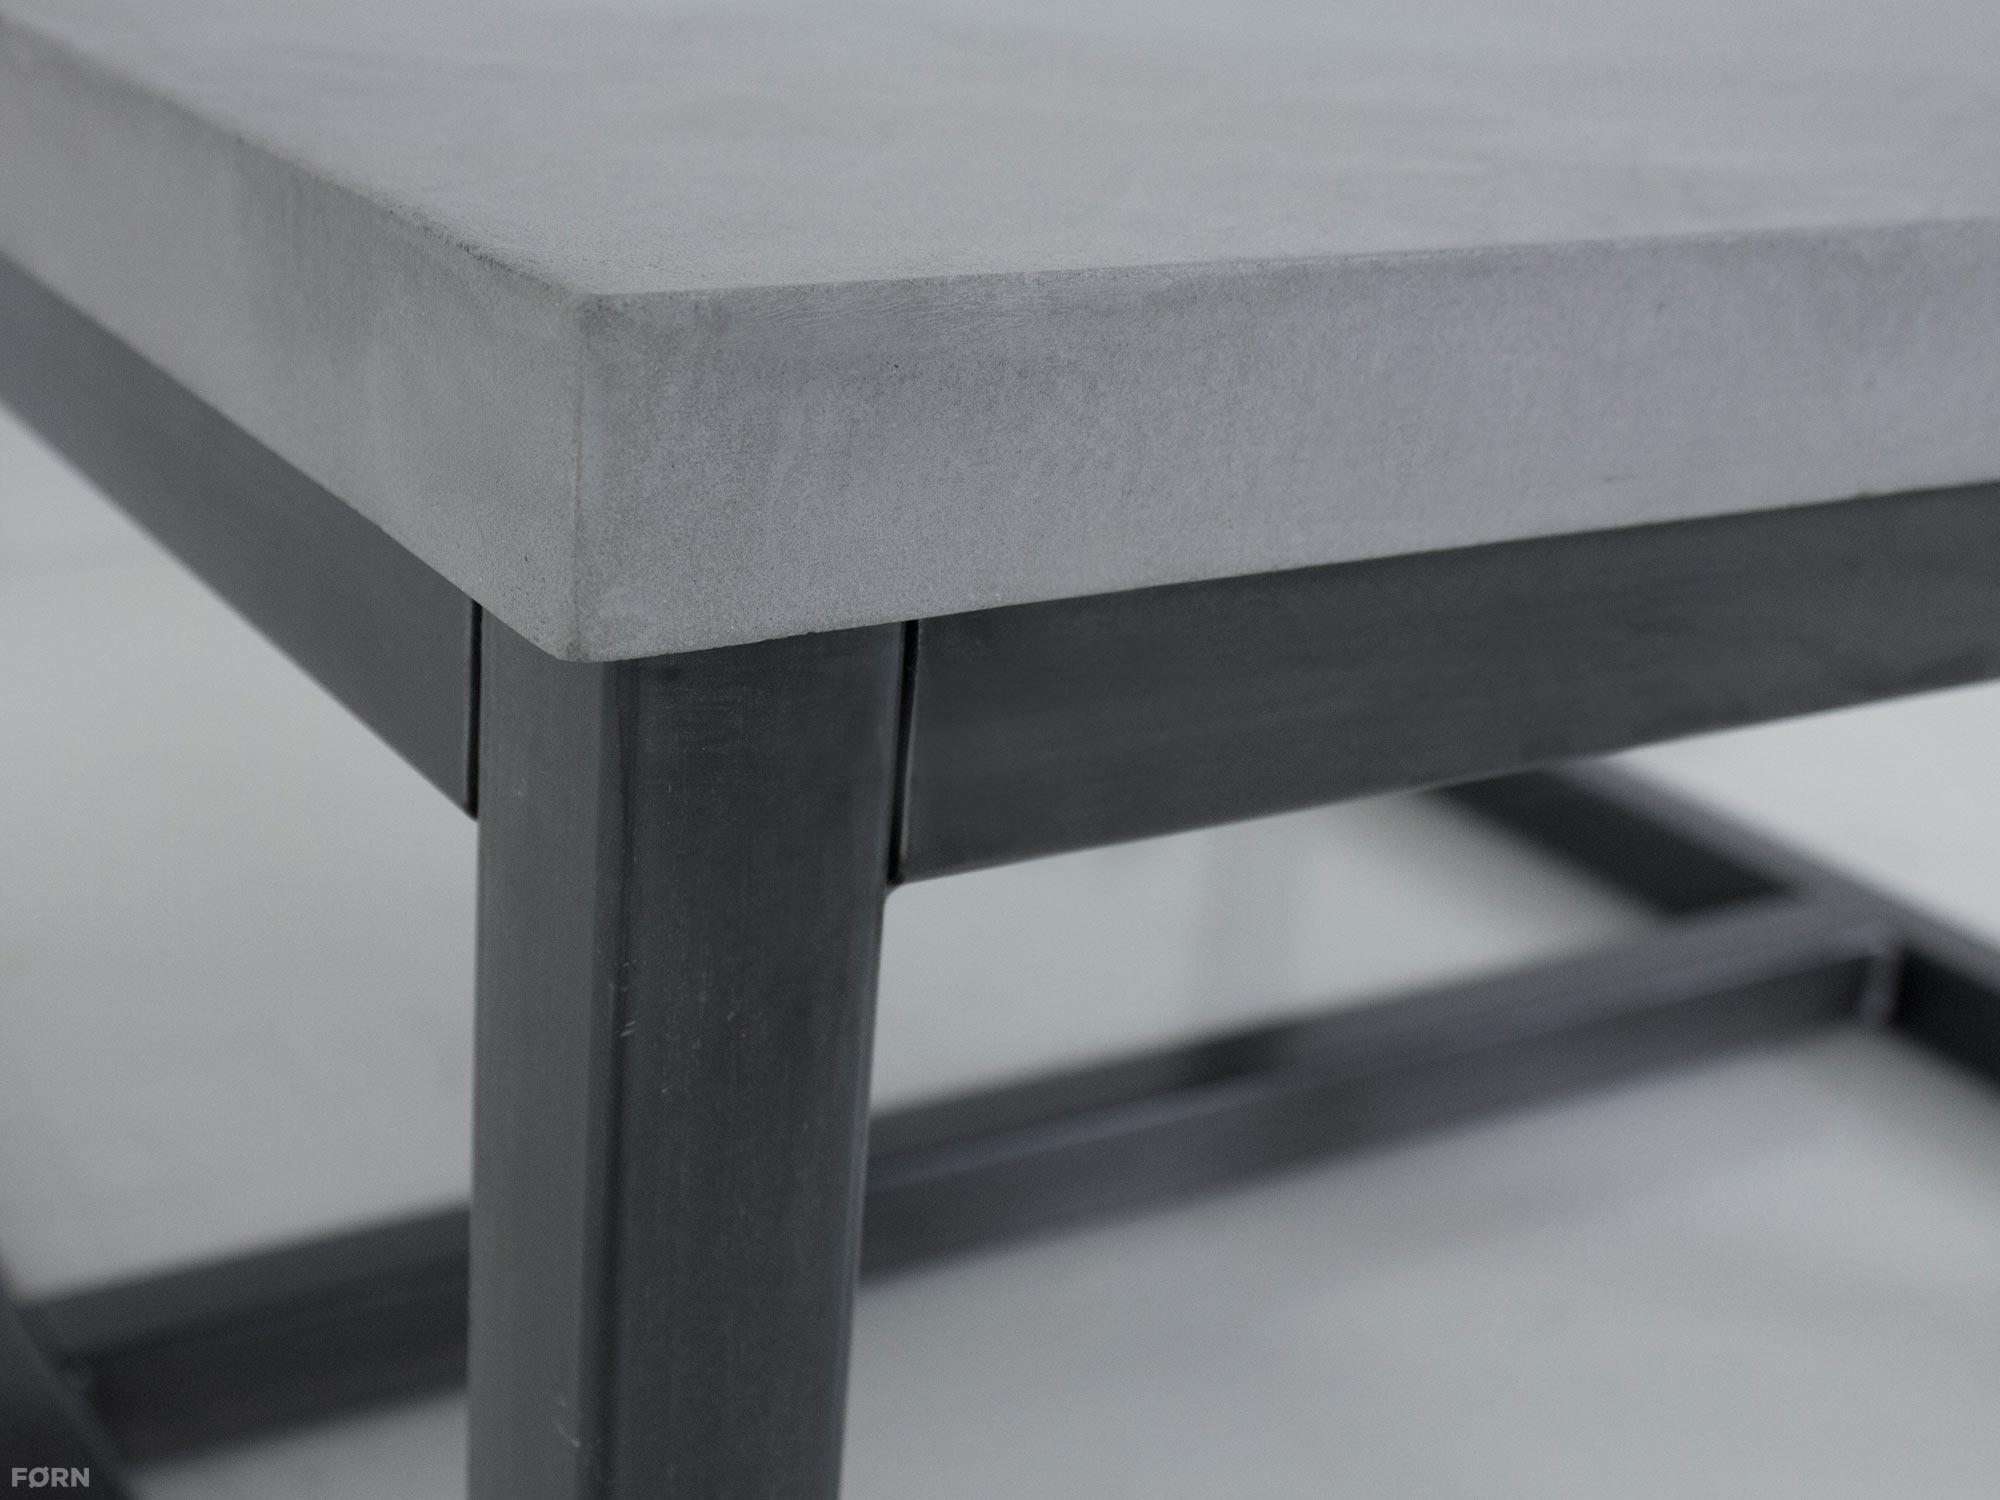 Salontafel met stoere betonlook fØrn robuuste meubelen